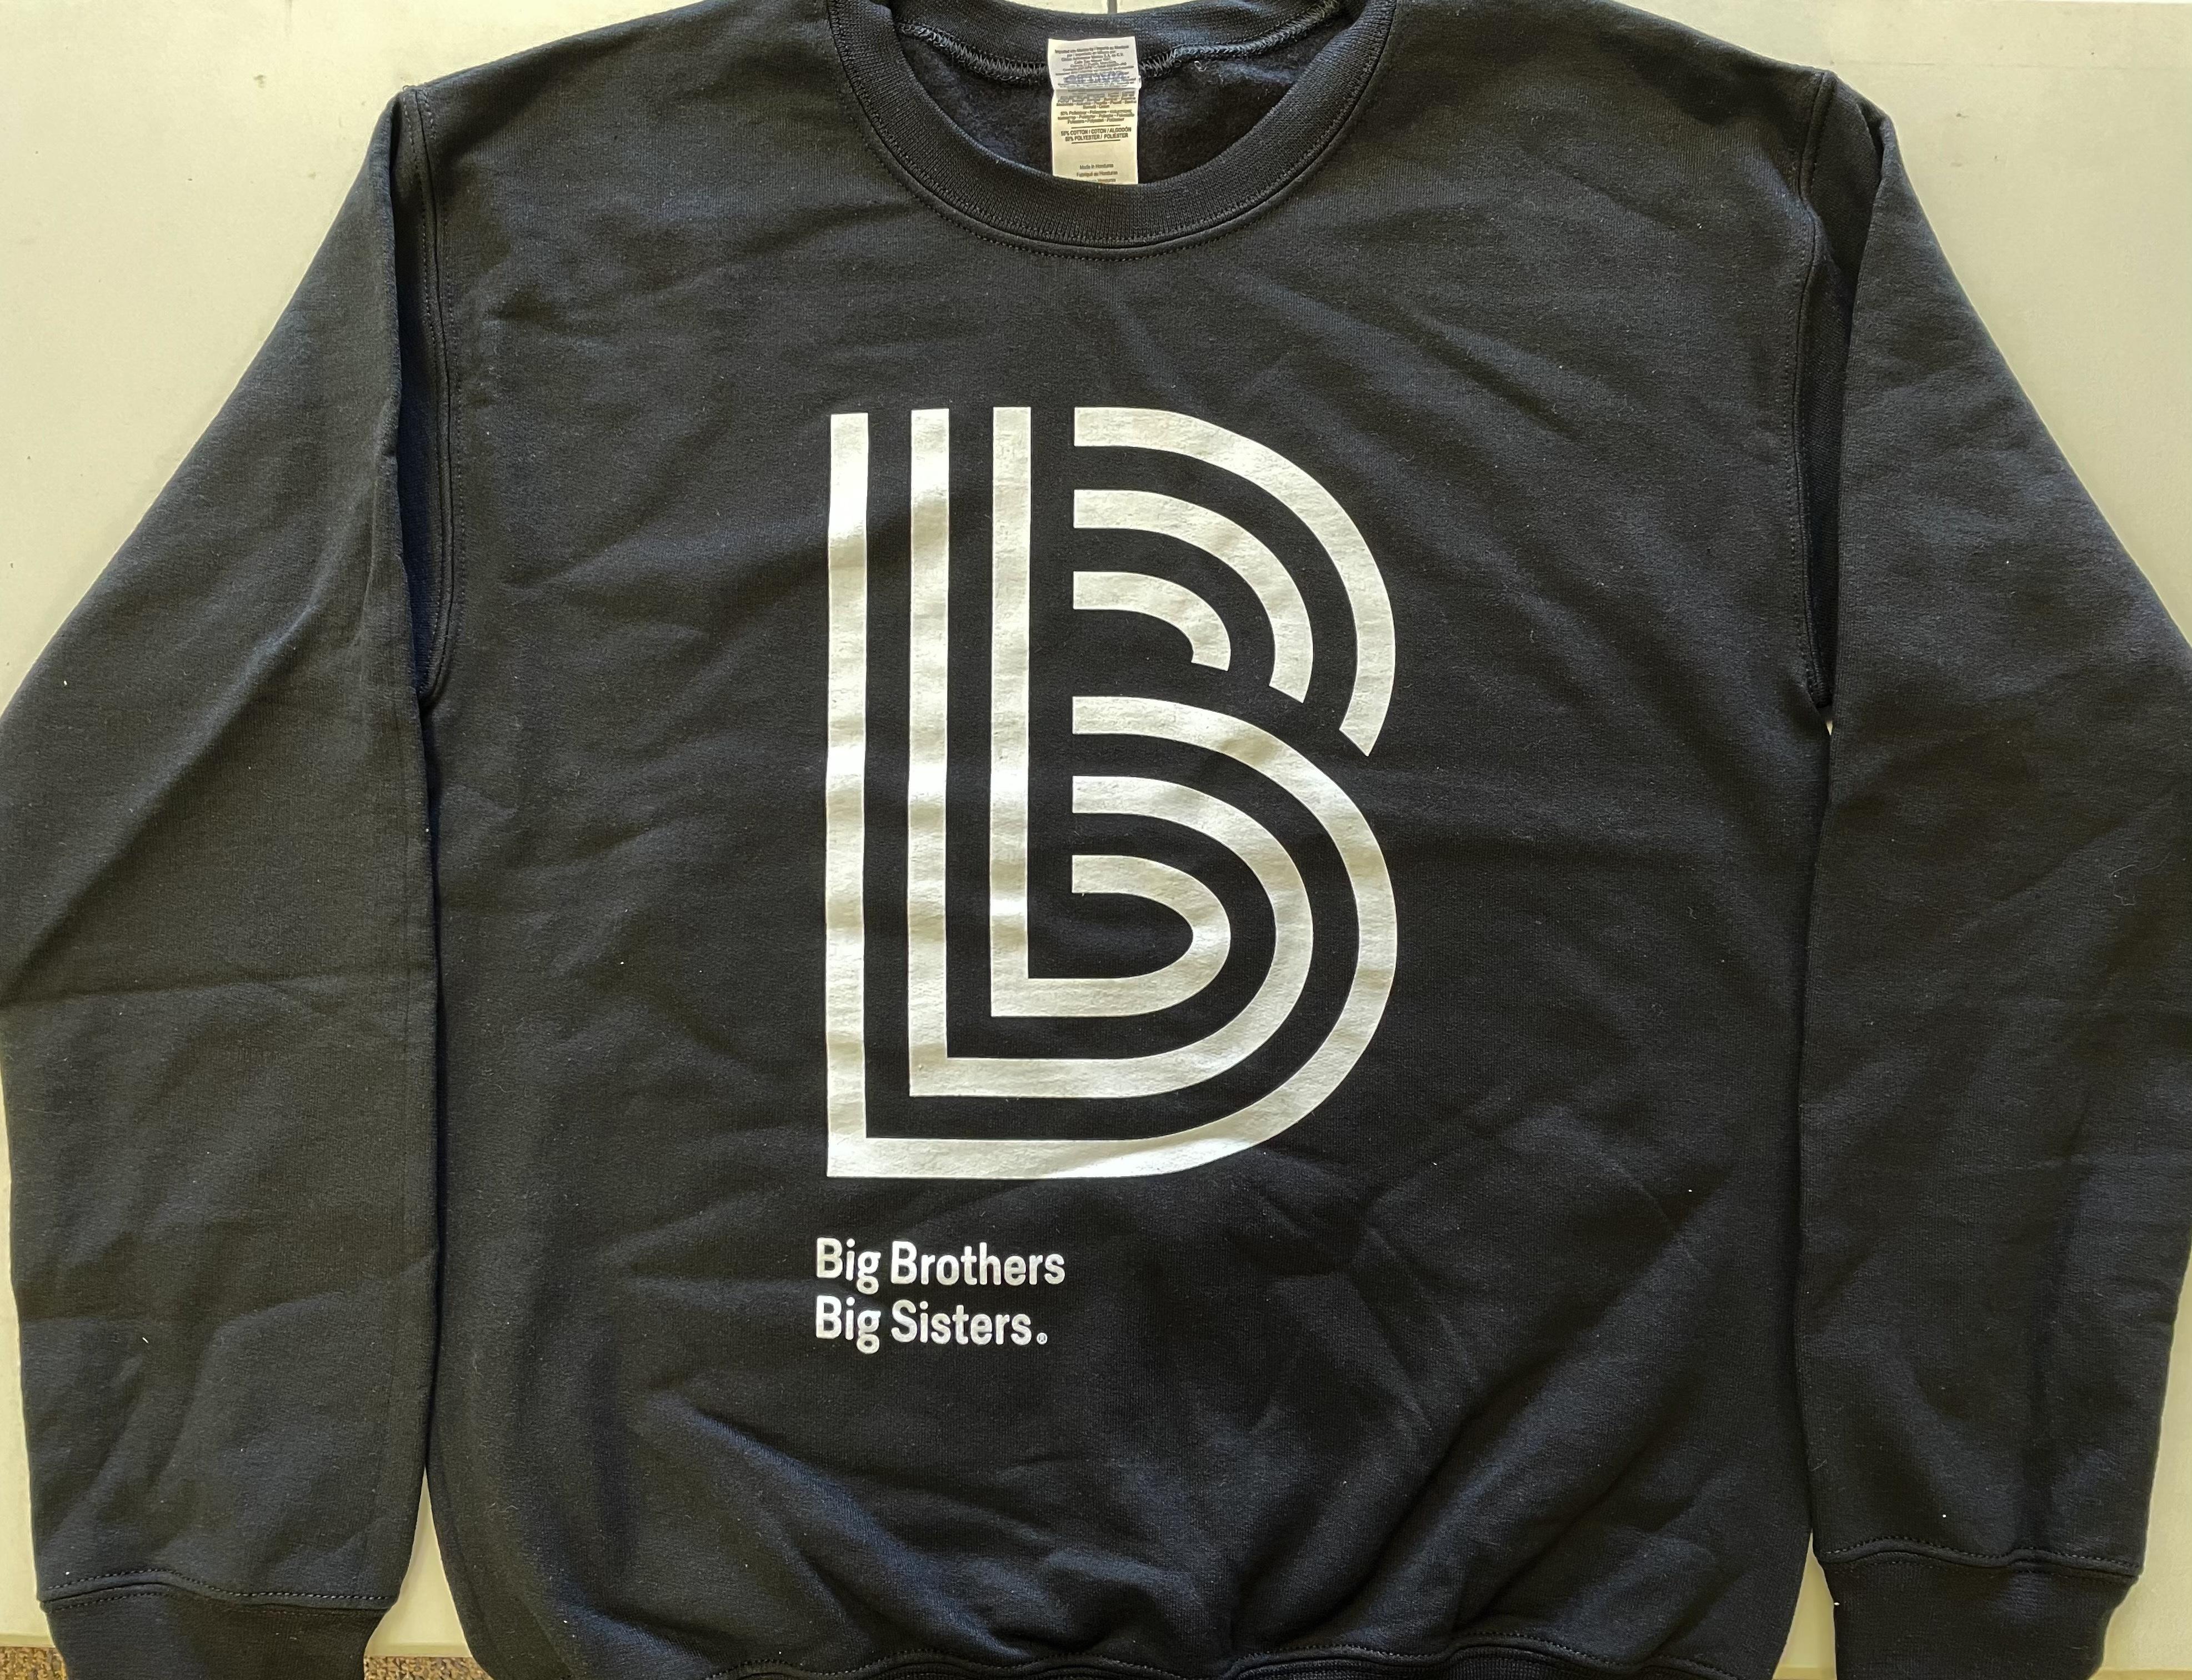 Black Adult Crewneck Sweatshirt (LARGE)